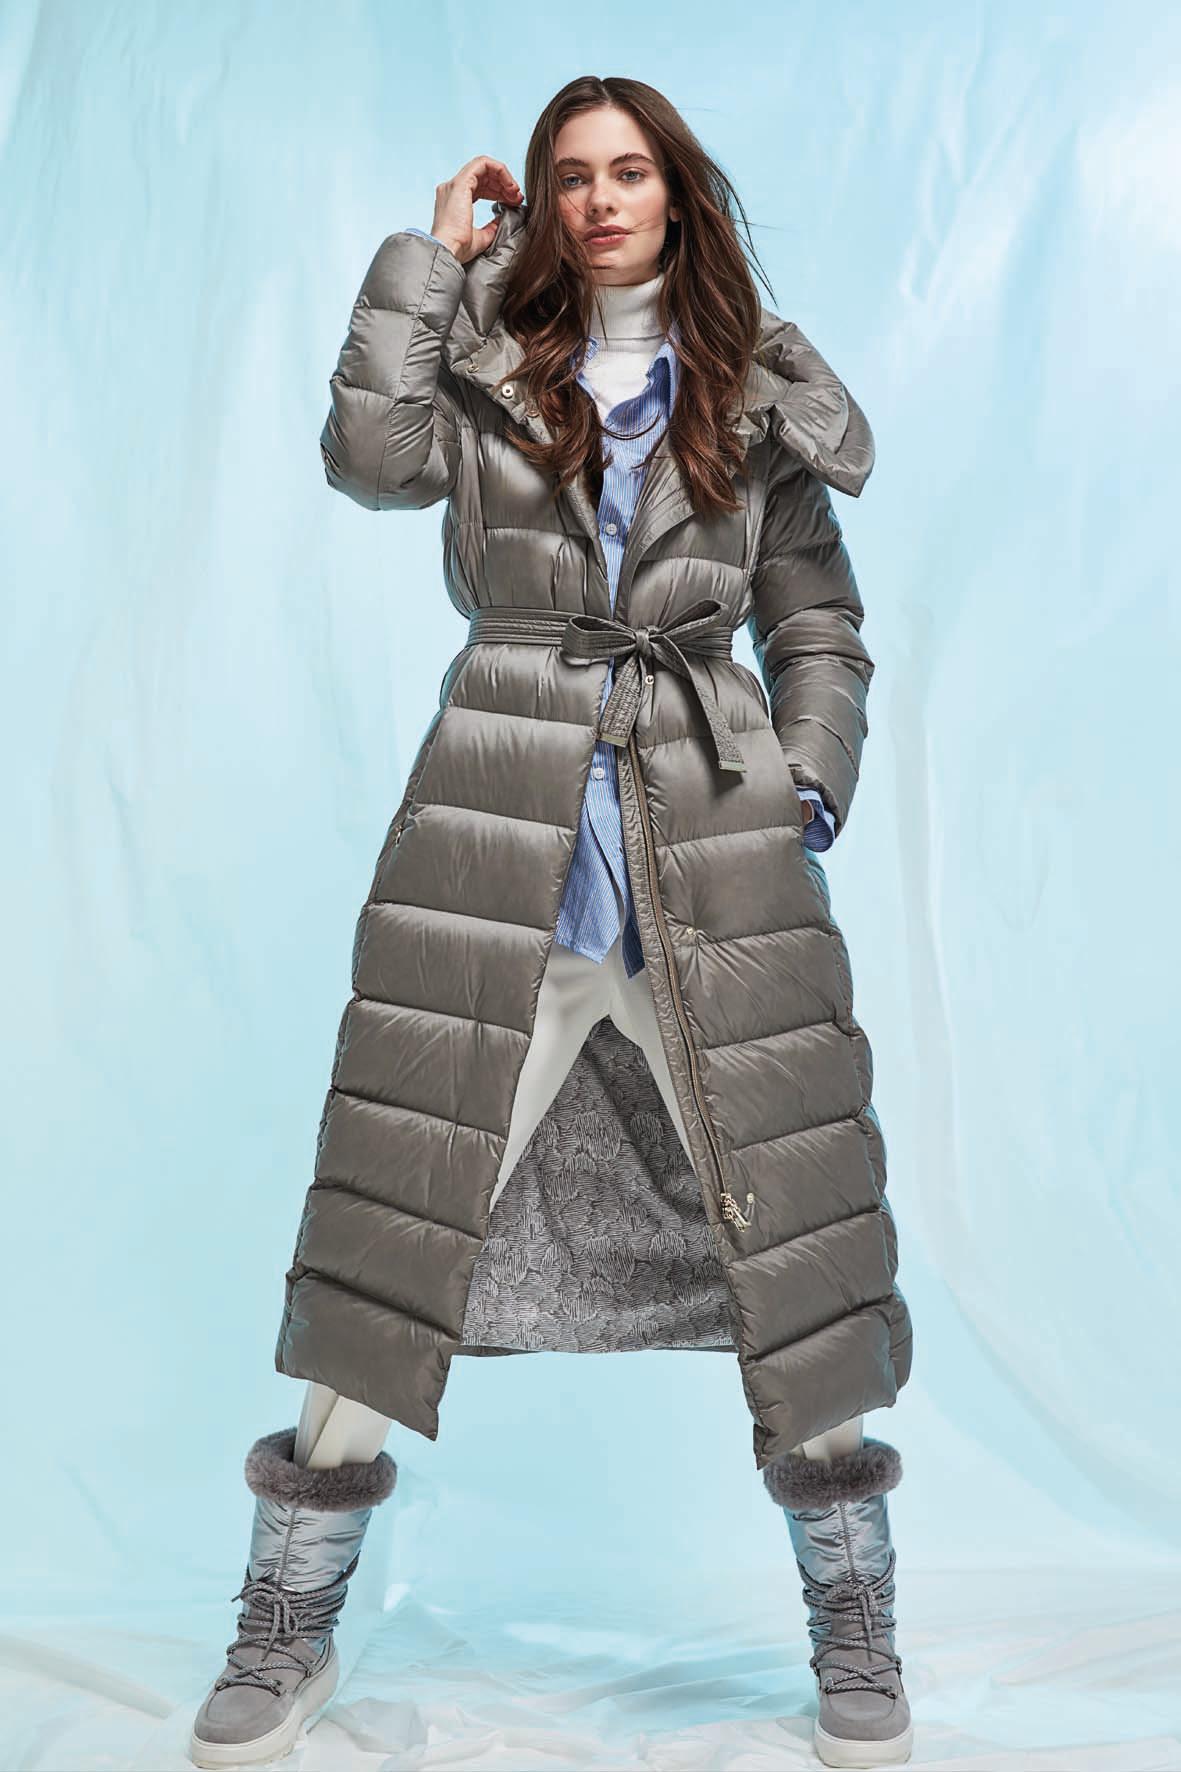 c6d01f2b 5016 4eff 95e1 fc190ffb39d2 - GEOX presenta su colección para Mujer  Otoño-Invierno 2121